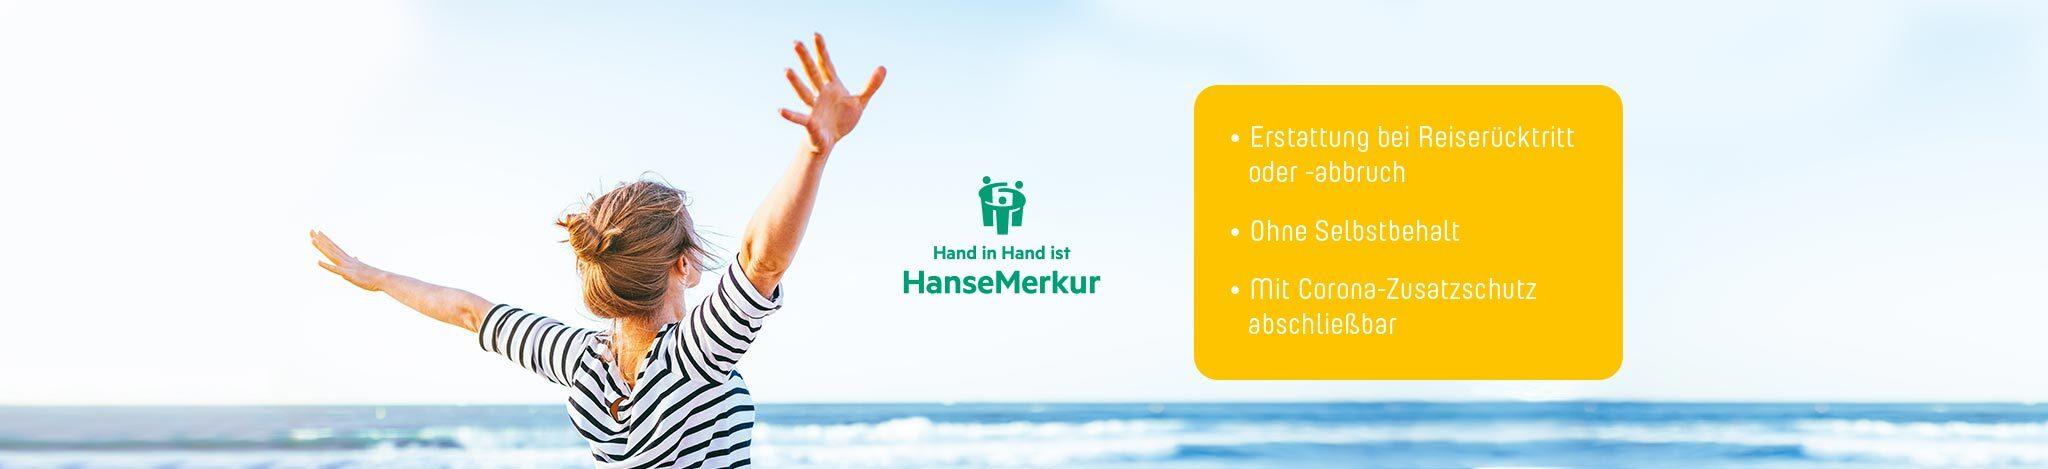 HanseMerkur Reiserücktritt